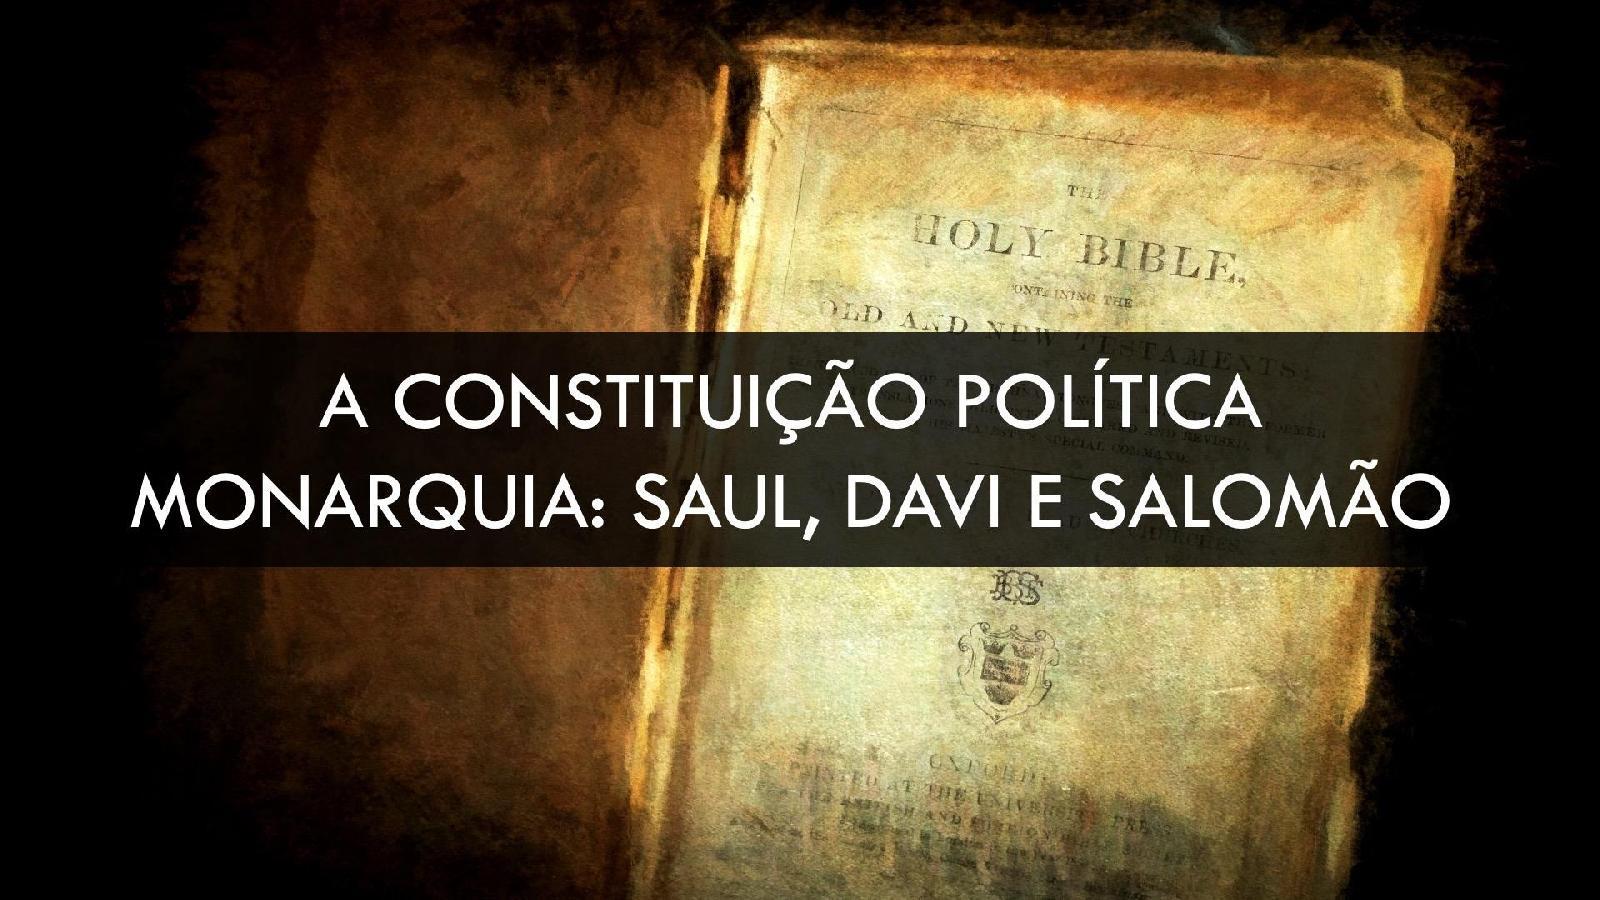 Constituição Política: A Monarquia - Saul, Davi e Salomão